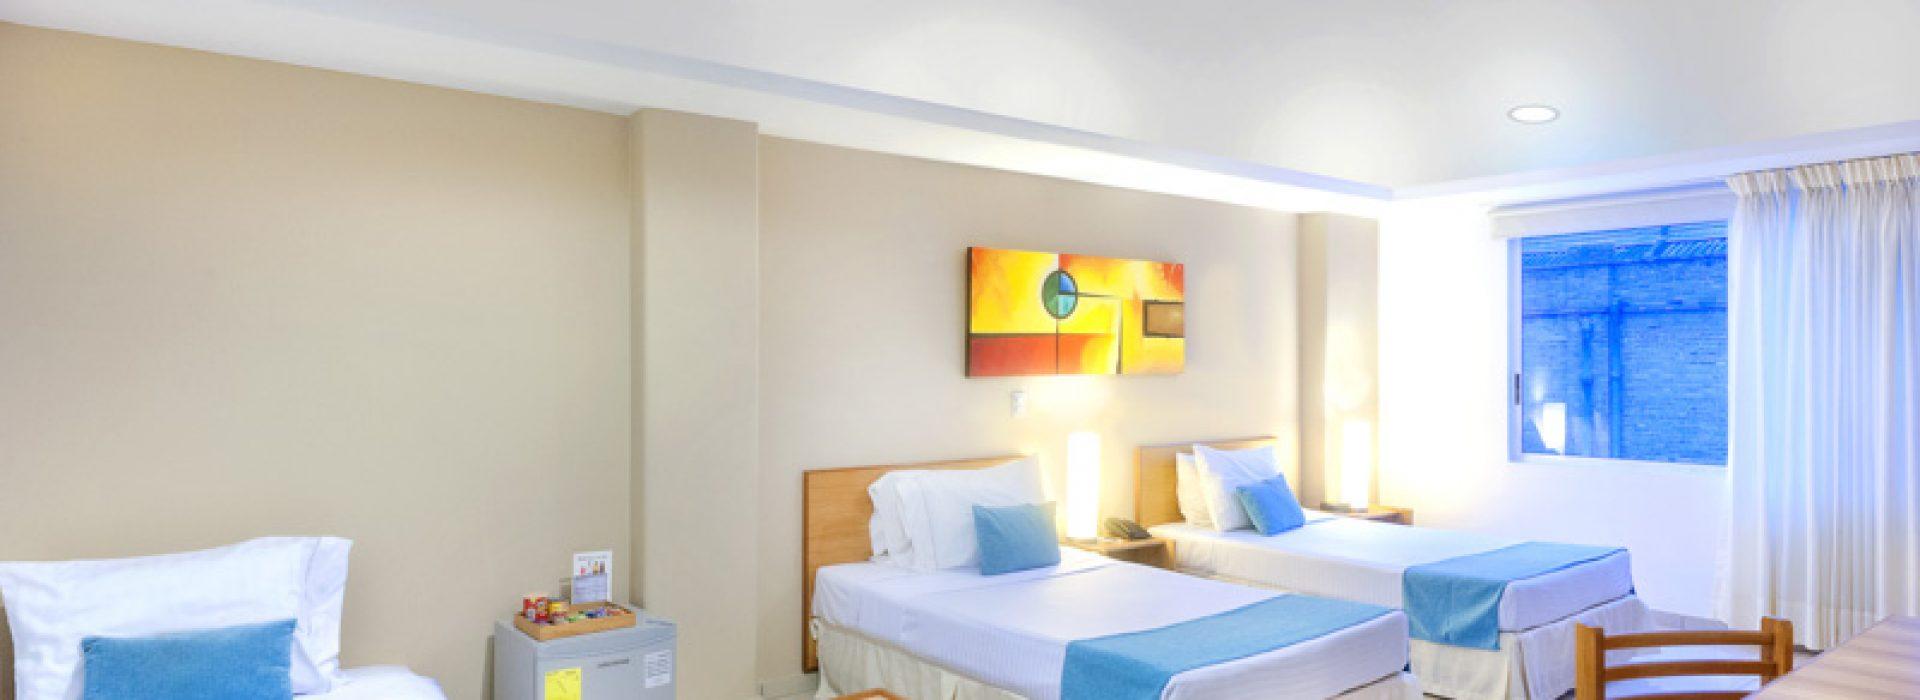 Nuestro Hotel en Cali, Hotel MS Centenario, pertenece a la Cadena MS.